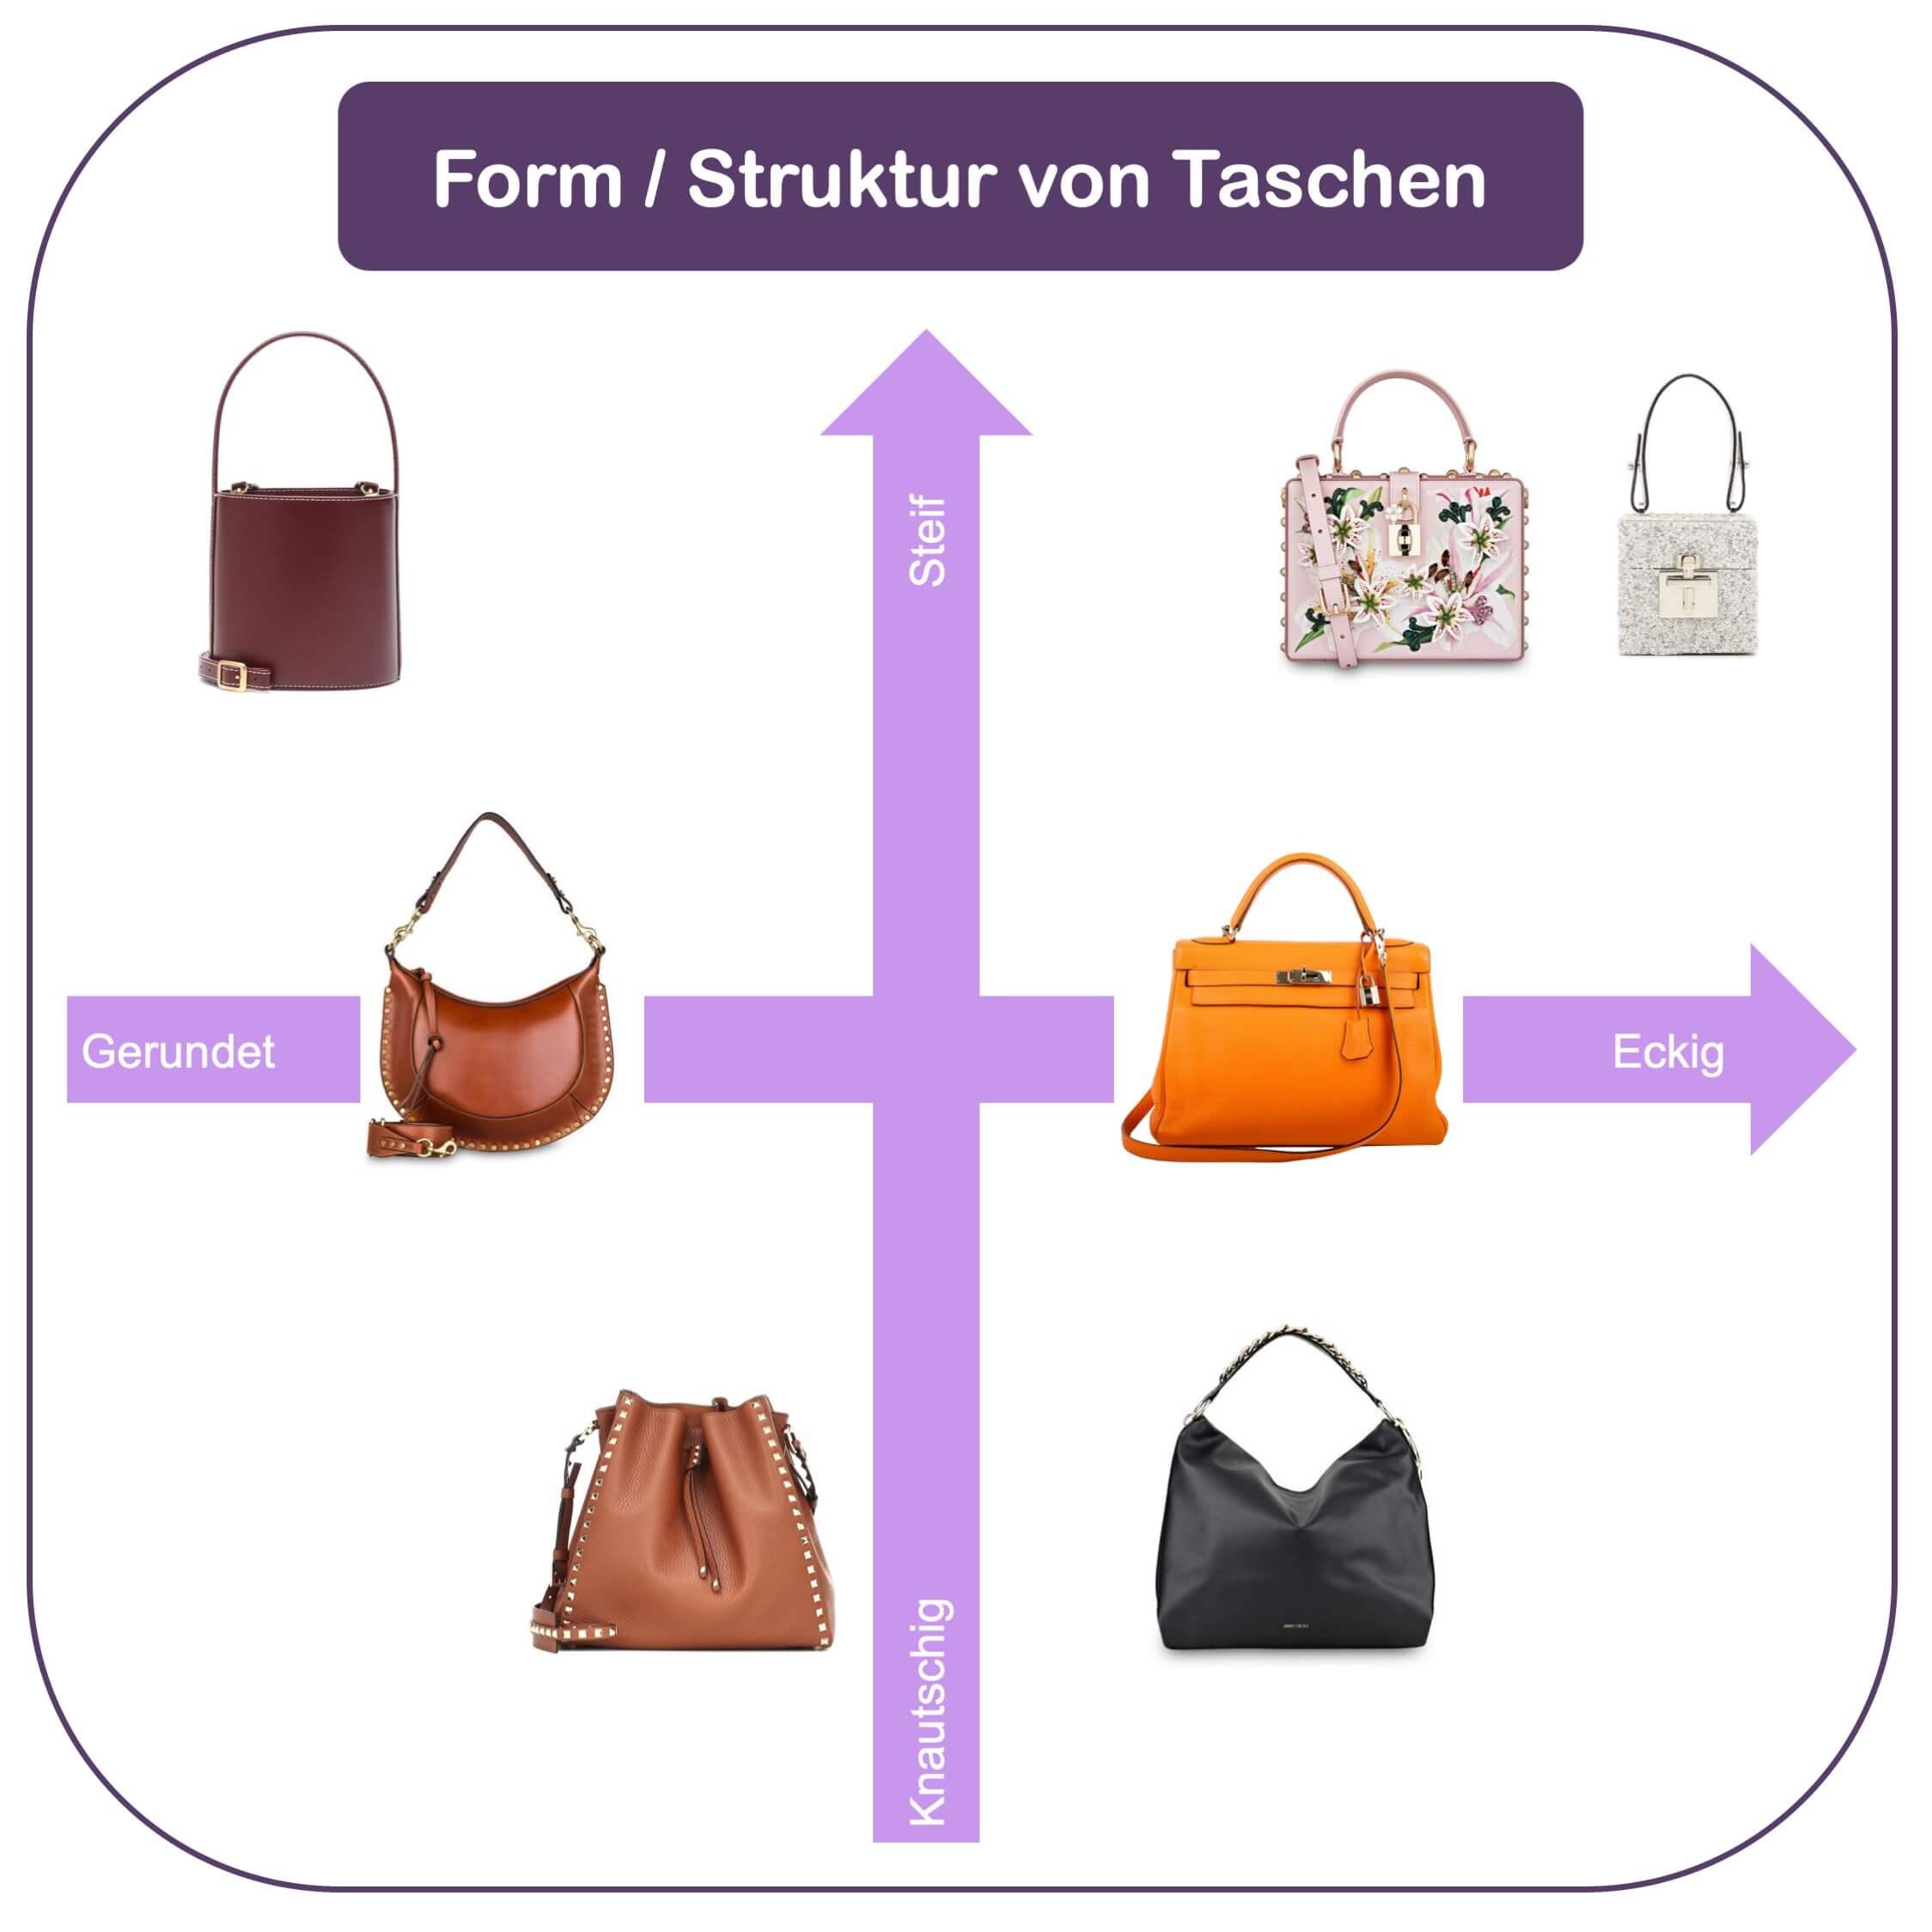 Passende Hadtasche finden - die Form der Tasche